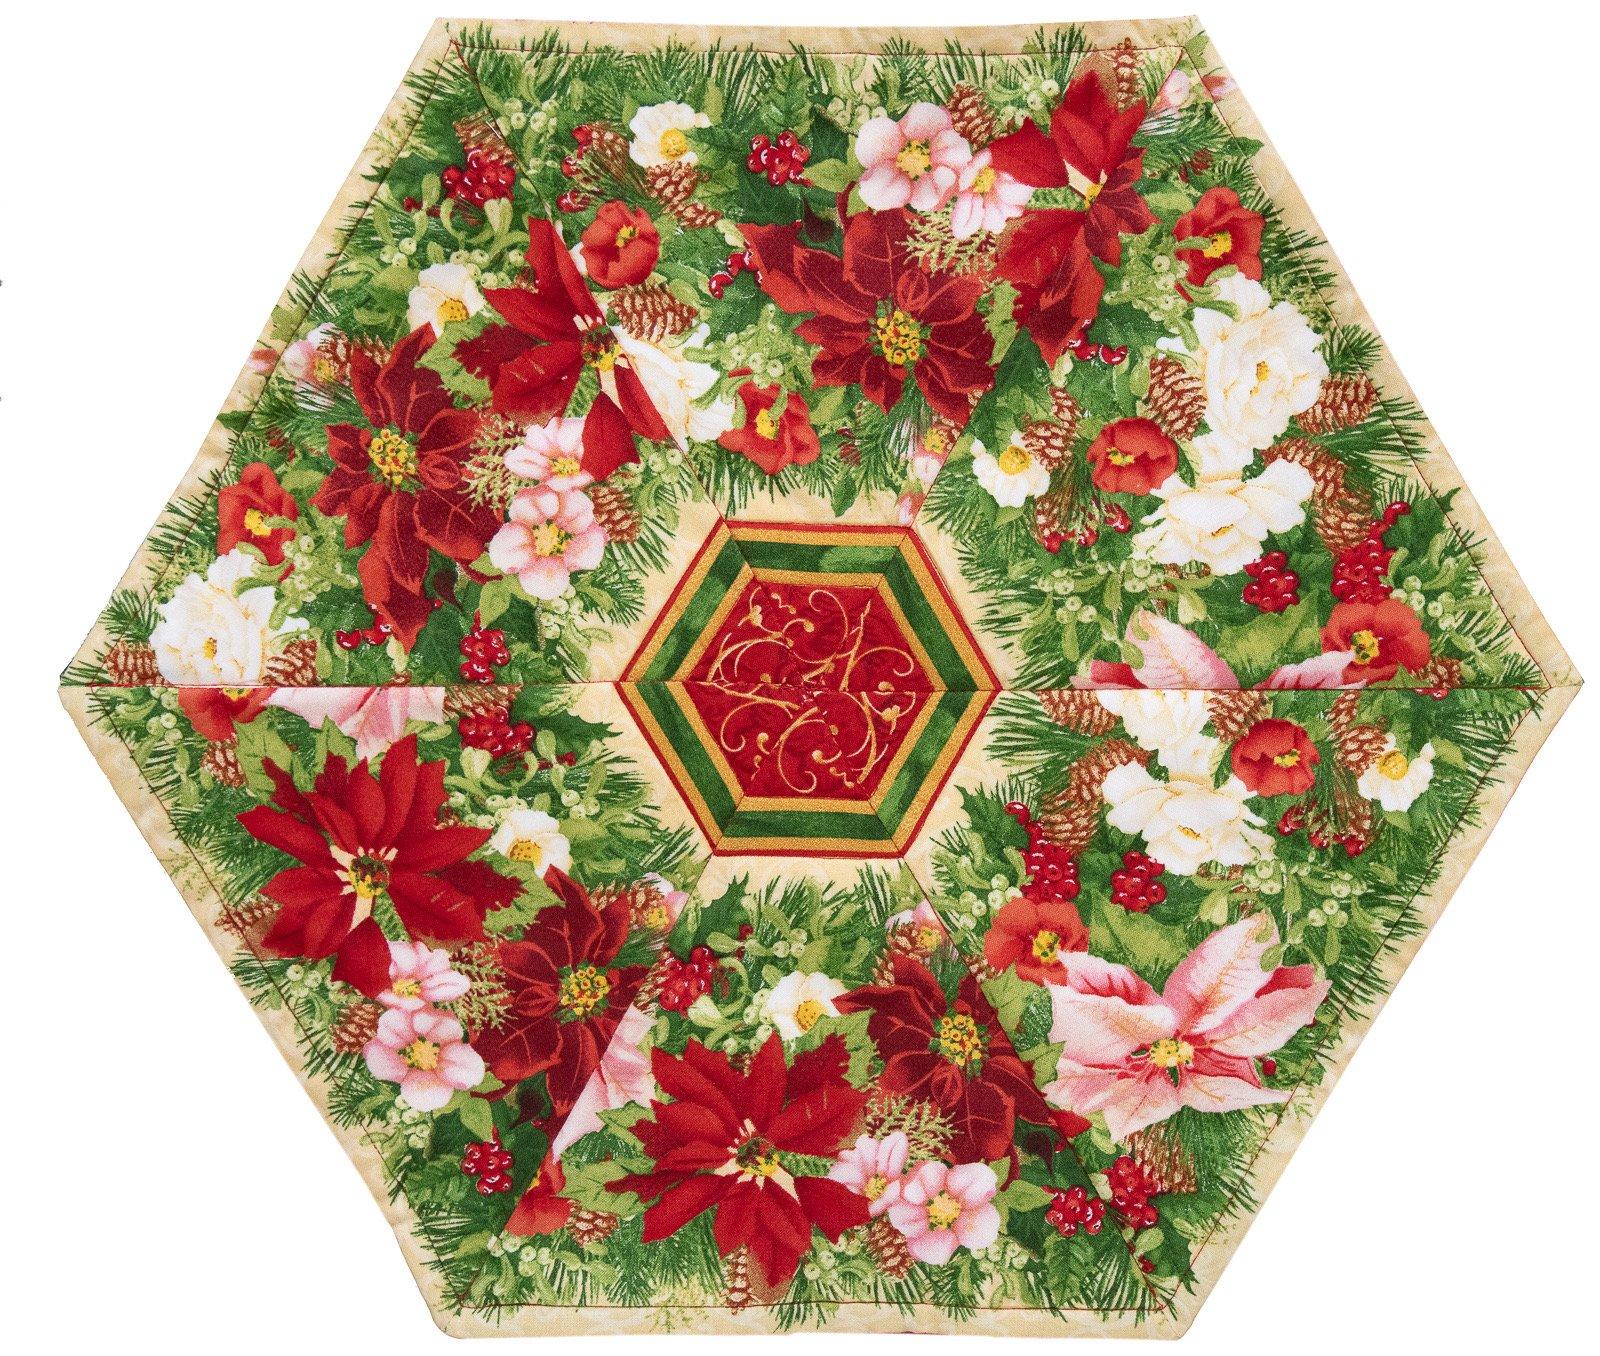 60 Degree Poinsettia